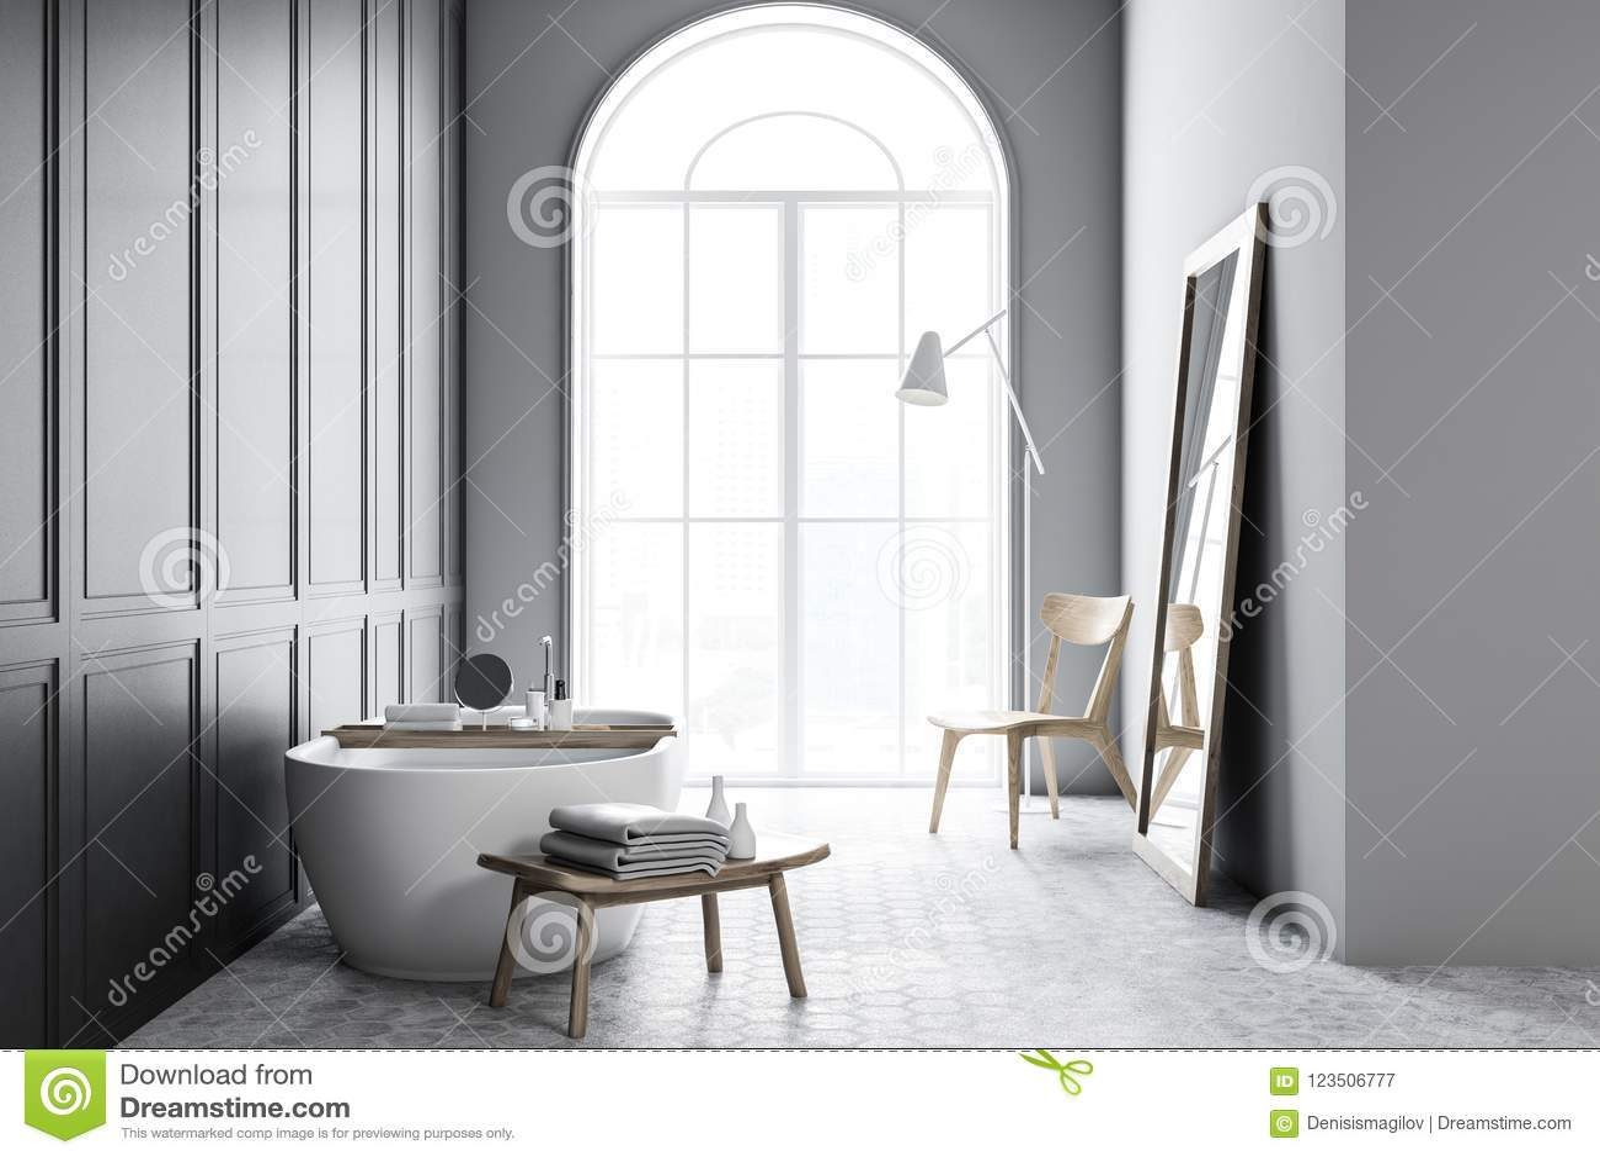 Vasca con acqua nell interno grigio del bagno illustrazione di